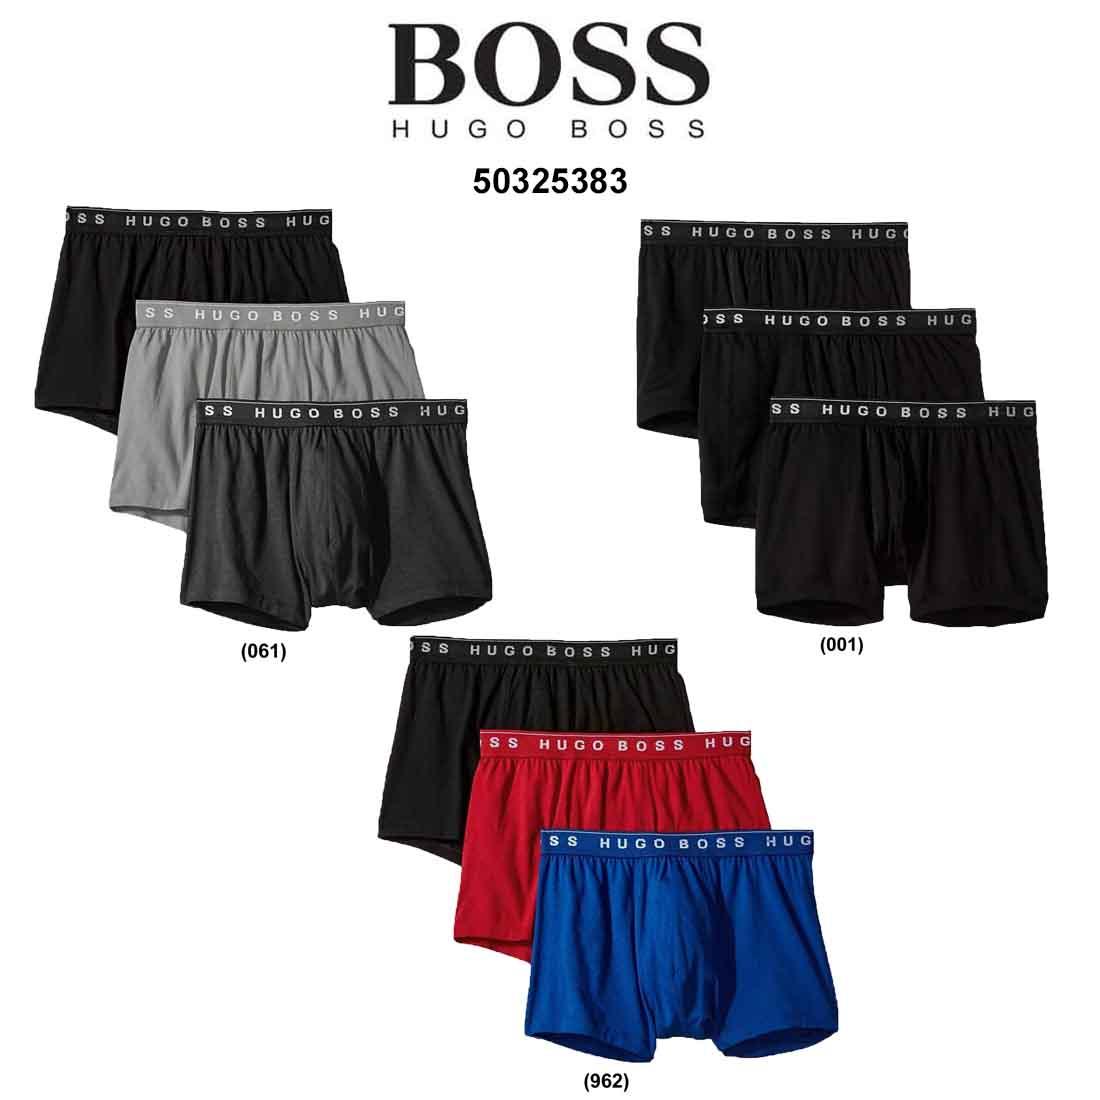 送料無料 並行輸入品 HUGO BOSS ヒューゴボス 流行 ローライズ メンズ 50325383 ボクサーパンツ 超特価 お買い得 下着 3枚セット